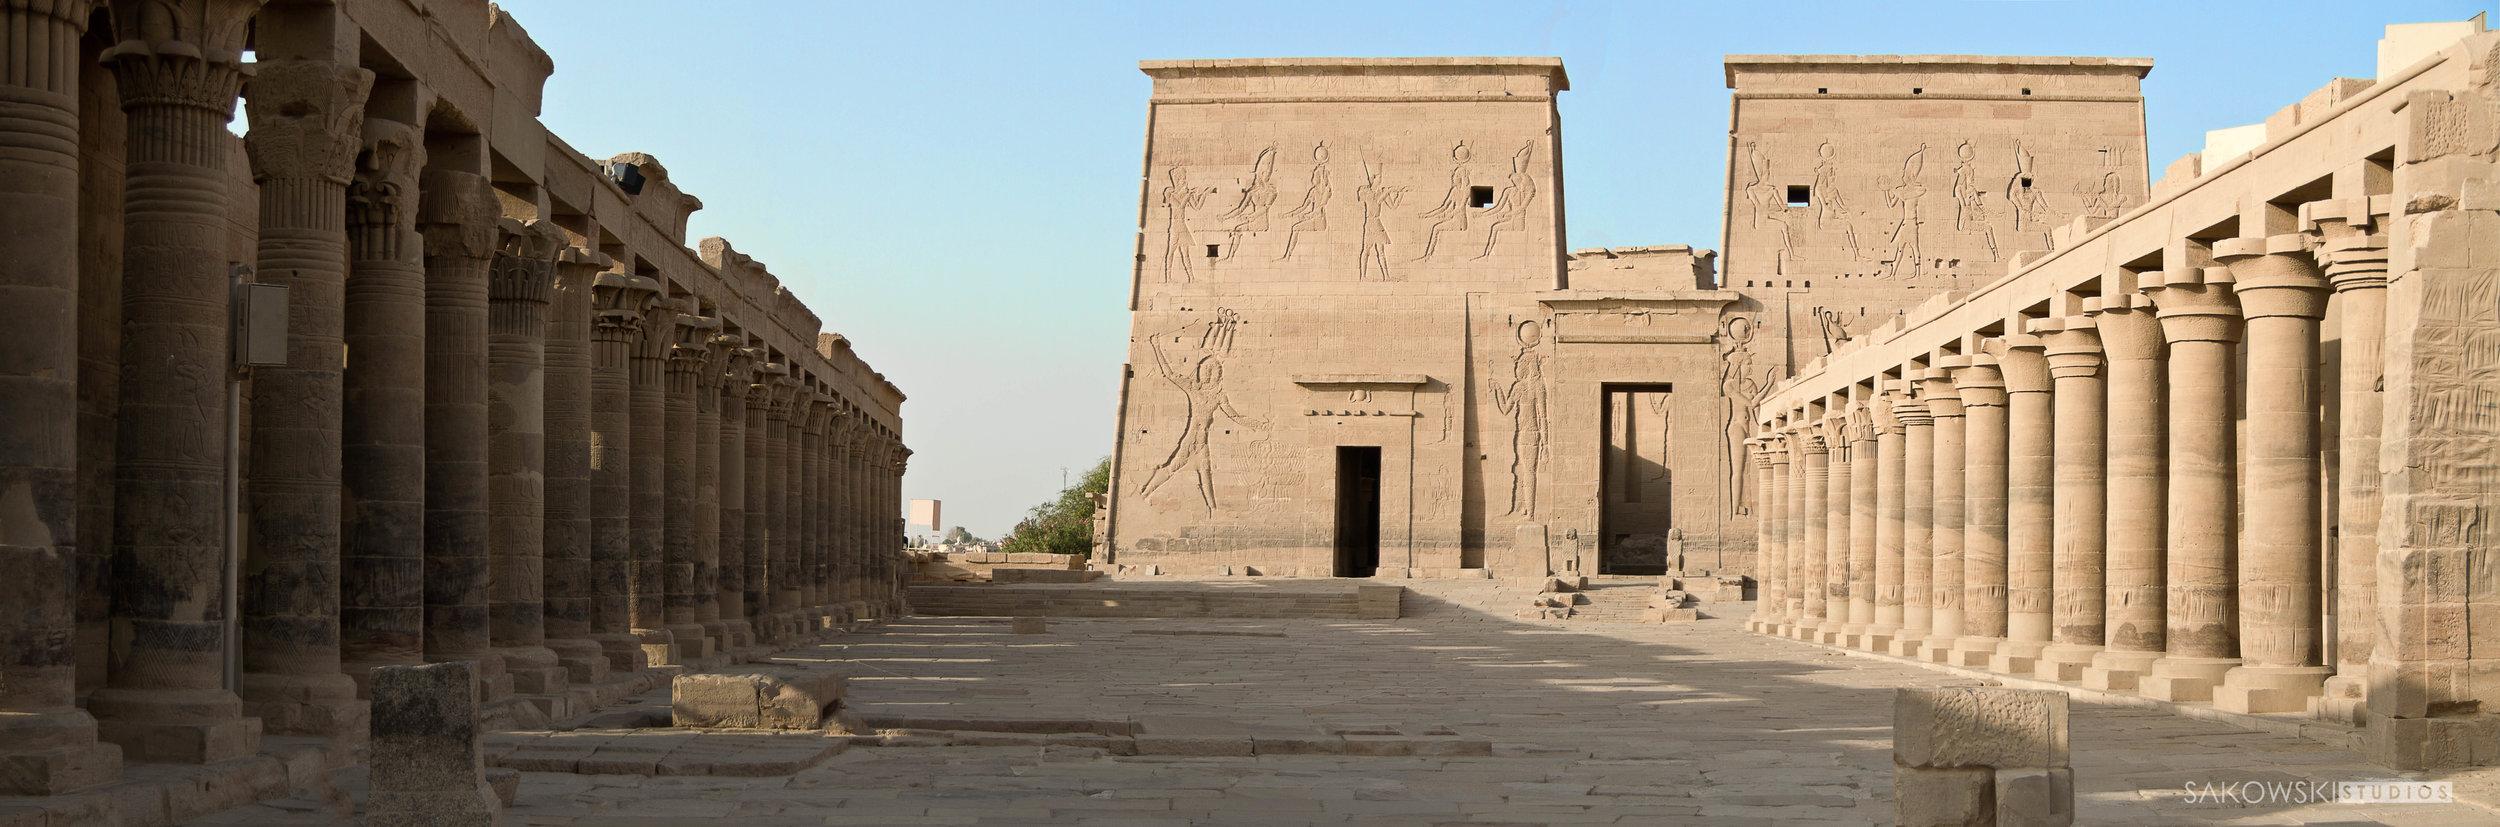 Sakowski_Egypt_03.jpg